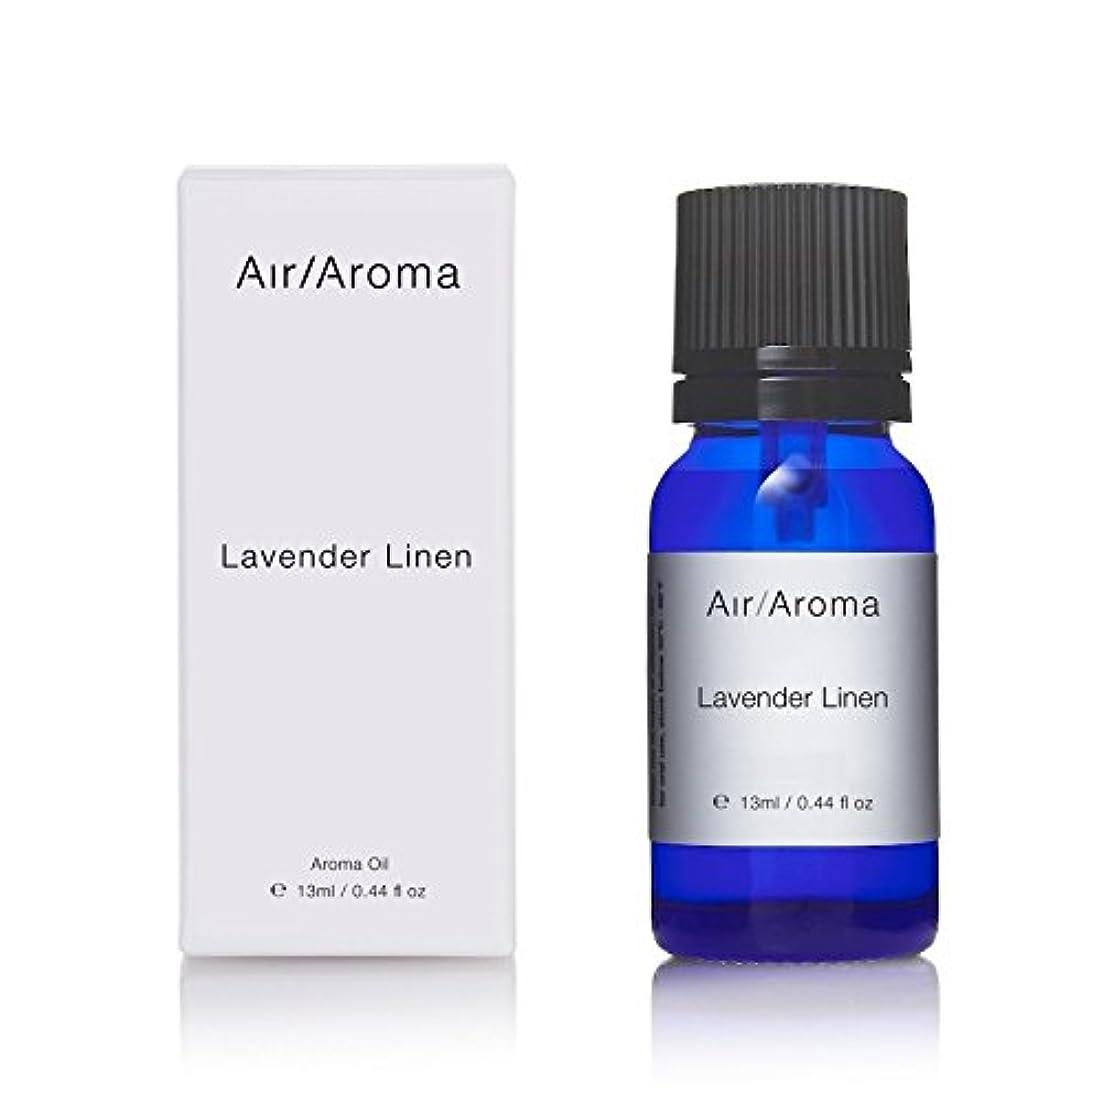 中で慎重攻撃的エアアロマ lavender linen (ラベンダーリネン) 13ml